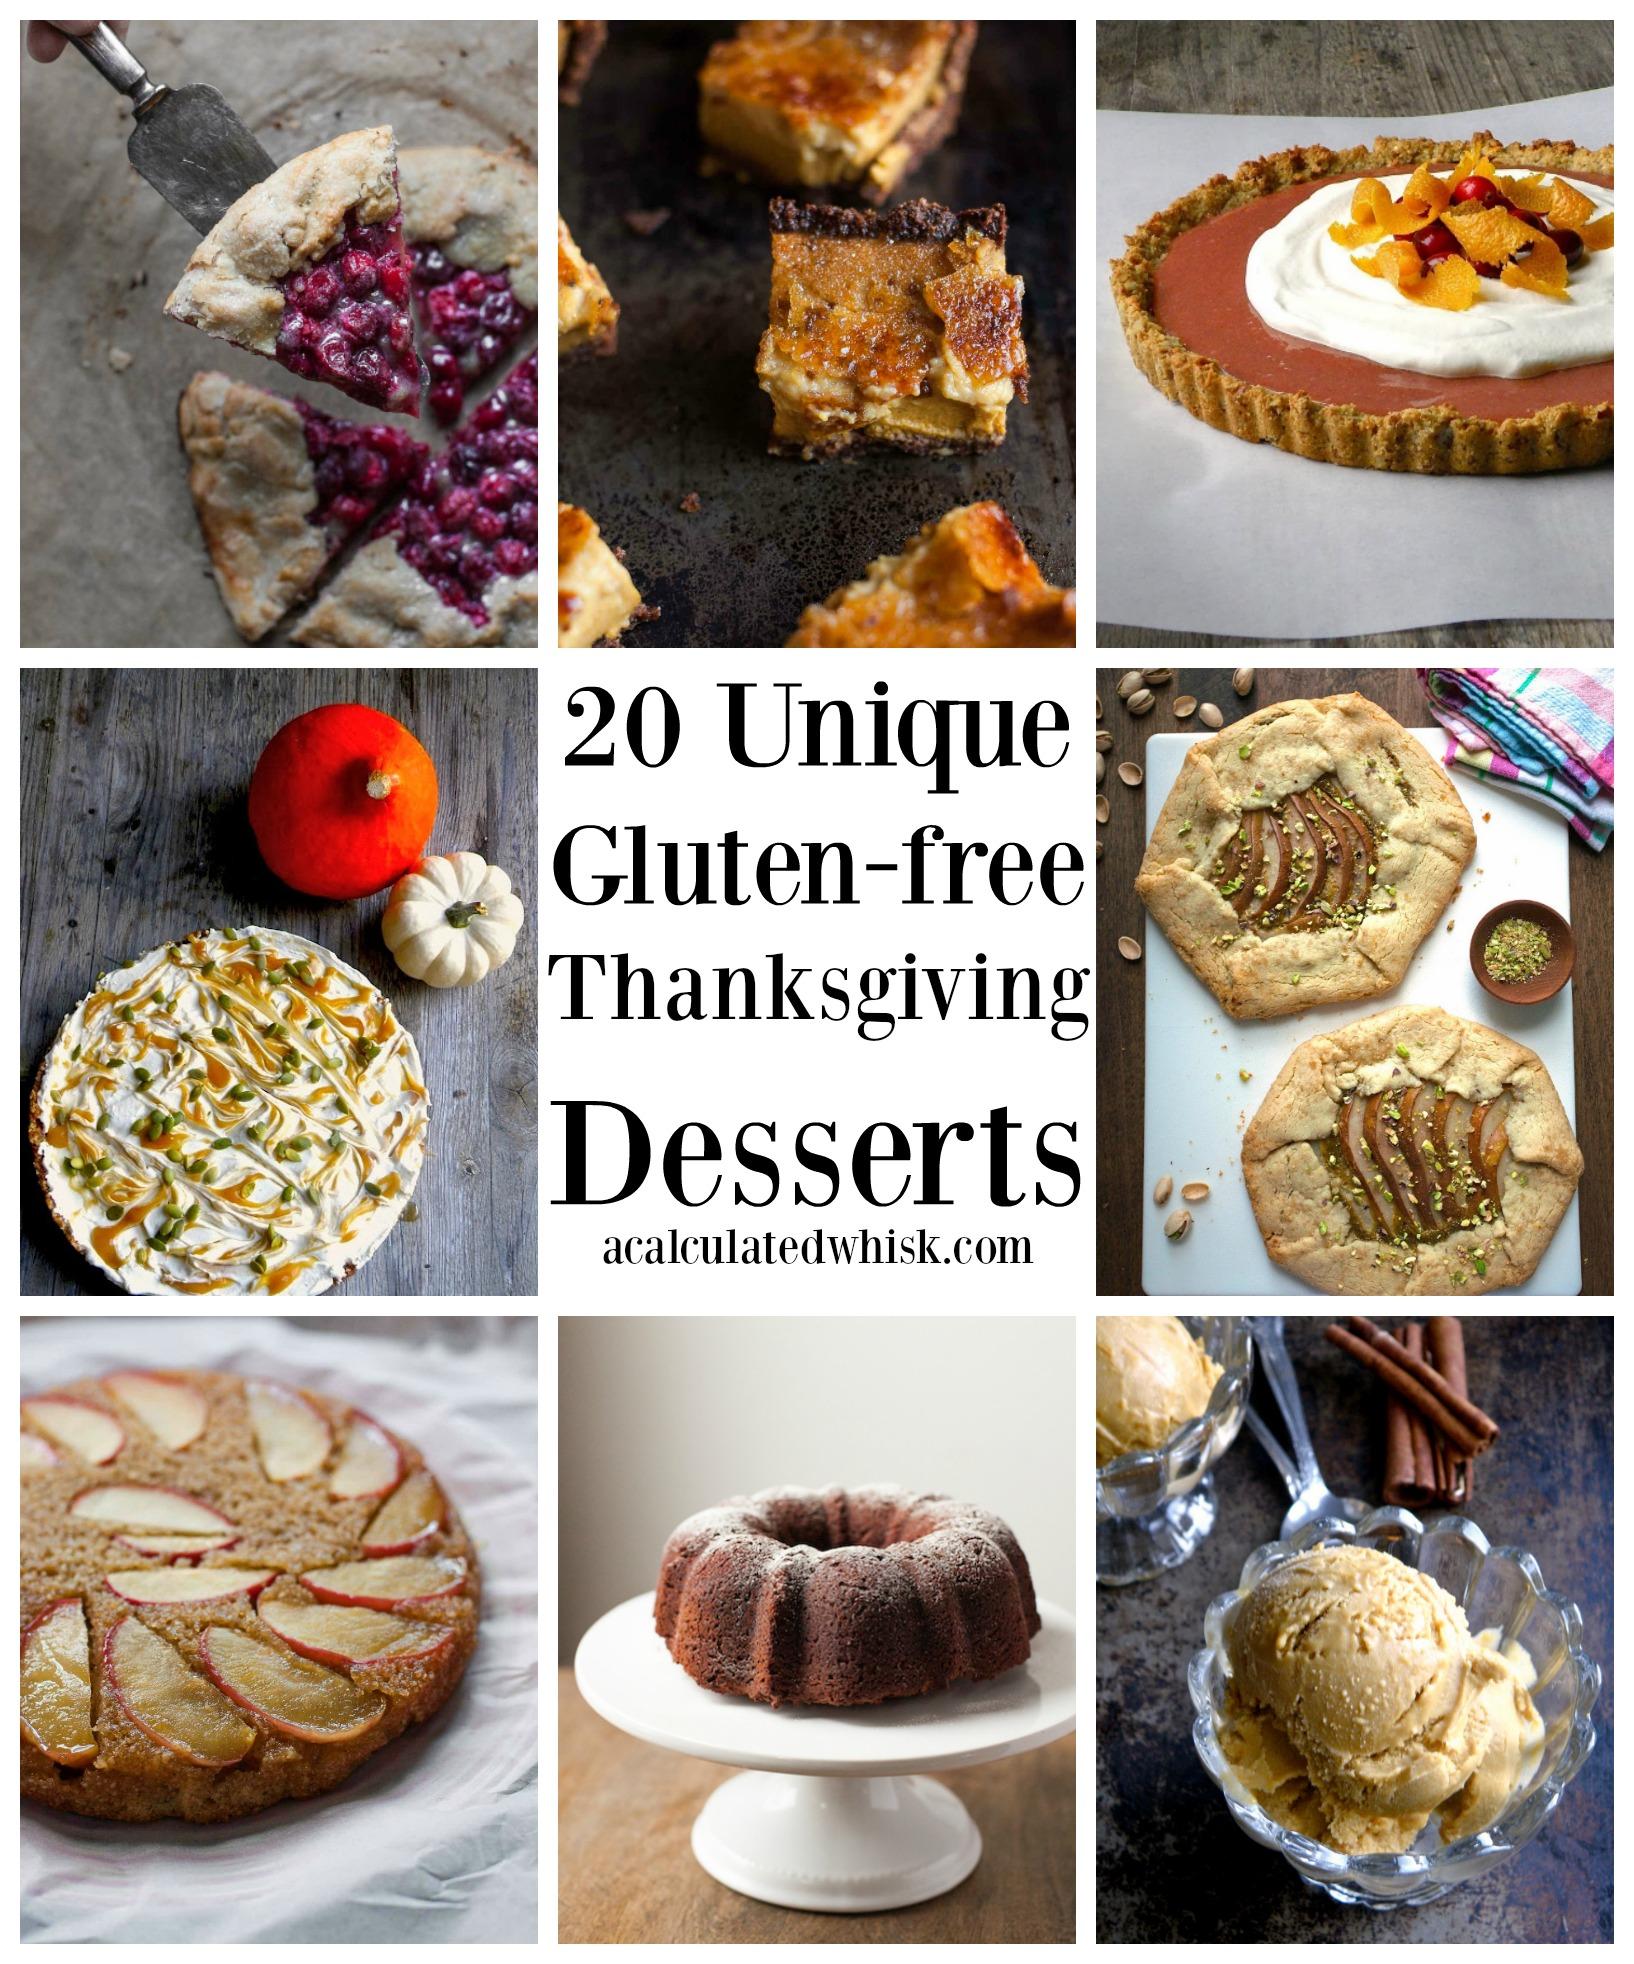 20 Unique Gluten-free Thanksgiving Desserts